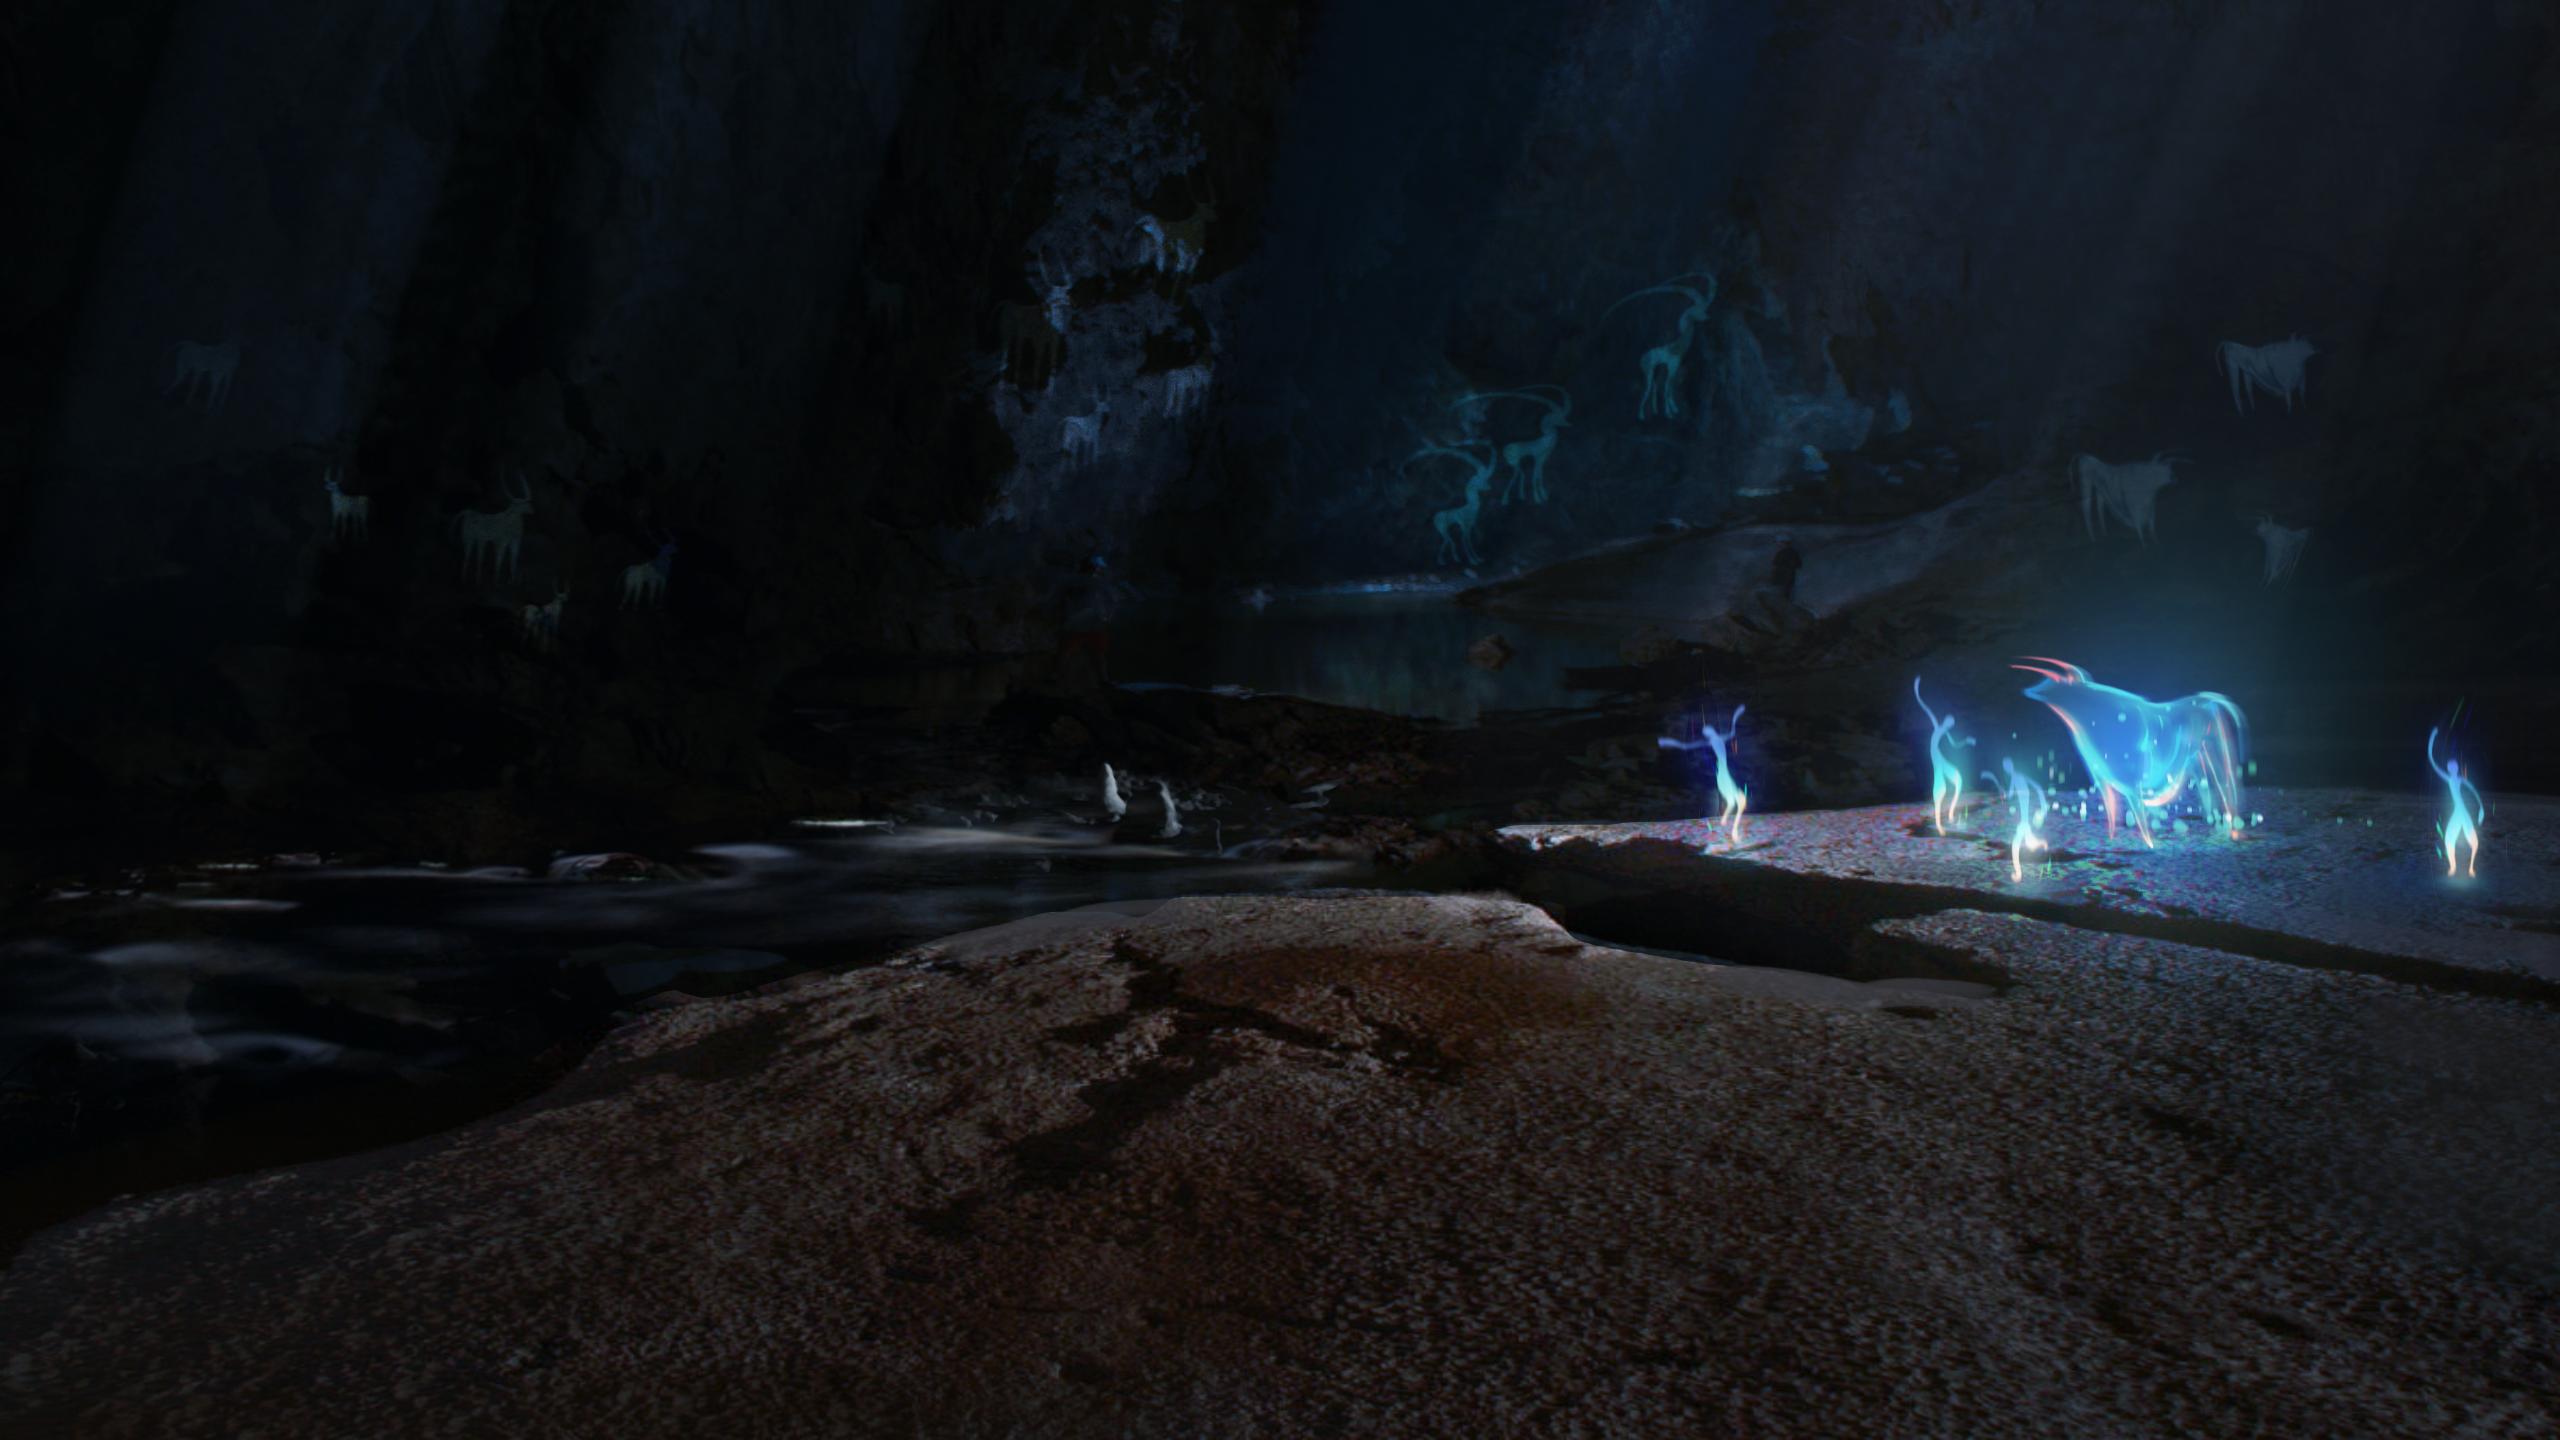 cave_concept_01A